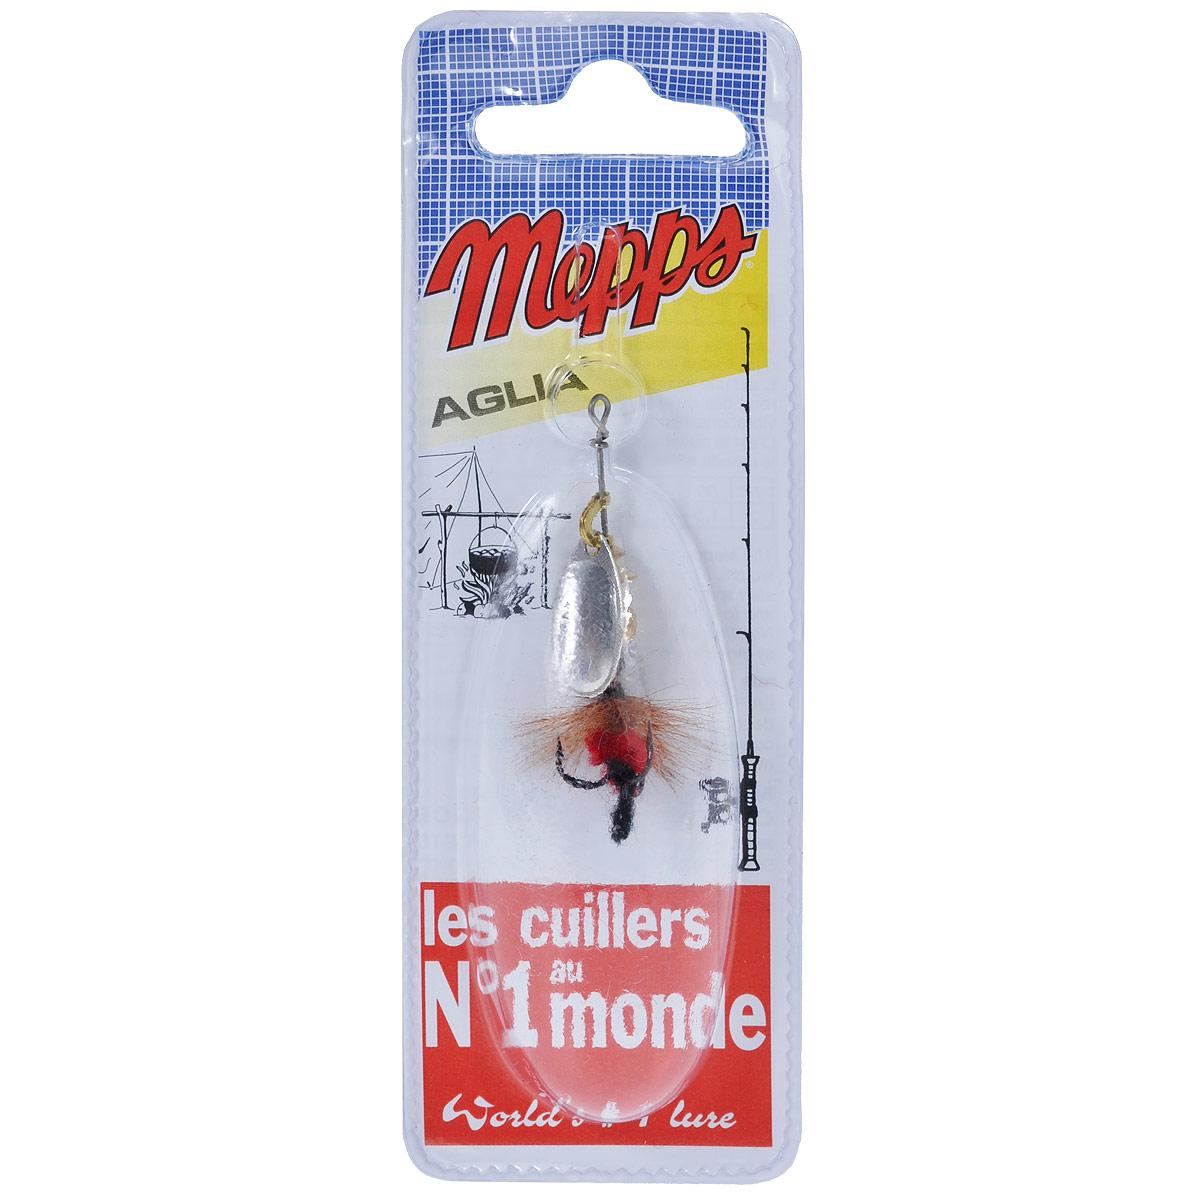 Блесна Mepps Aglia AG Mouch. Rouge, вращающаяся, №005743Вращающаяся блесна Mepps Aglia AG Mouch. Rouge оснащена мушкой из натурального беличьего хвоста, это очень эффективные приманки для ловли жереха, голавля, язя, окуня и других видов рыб, особенно в периоды массового вылета насекомых. Aglia Mouche - некрупная блесна, которая особенно подходит для летней ловли рыбы (особенно осторожной) на мелководье.